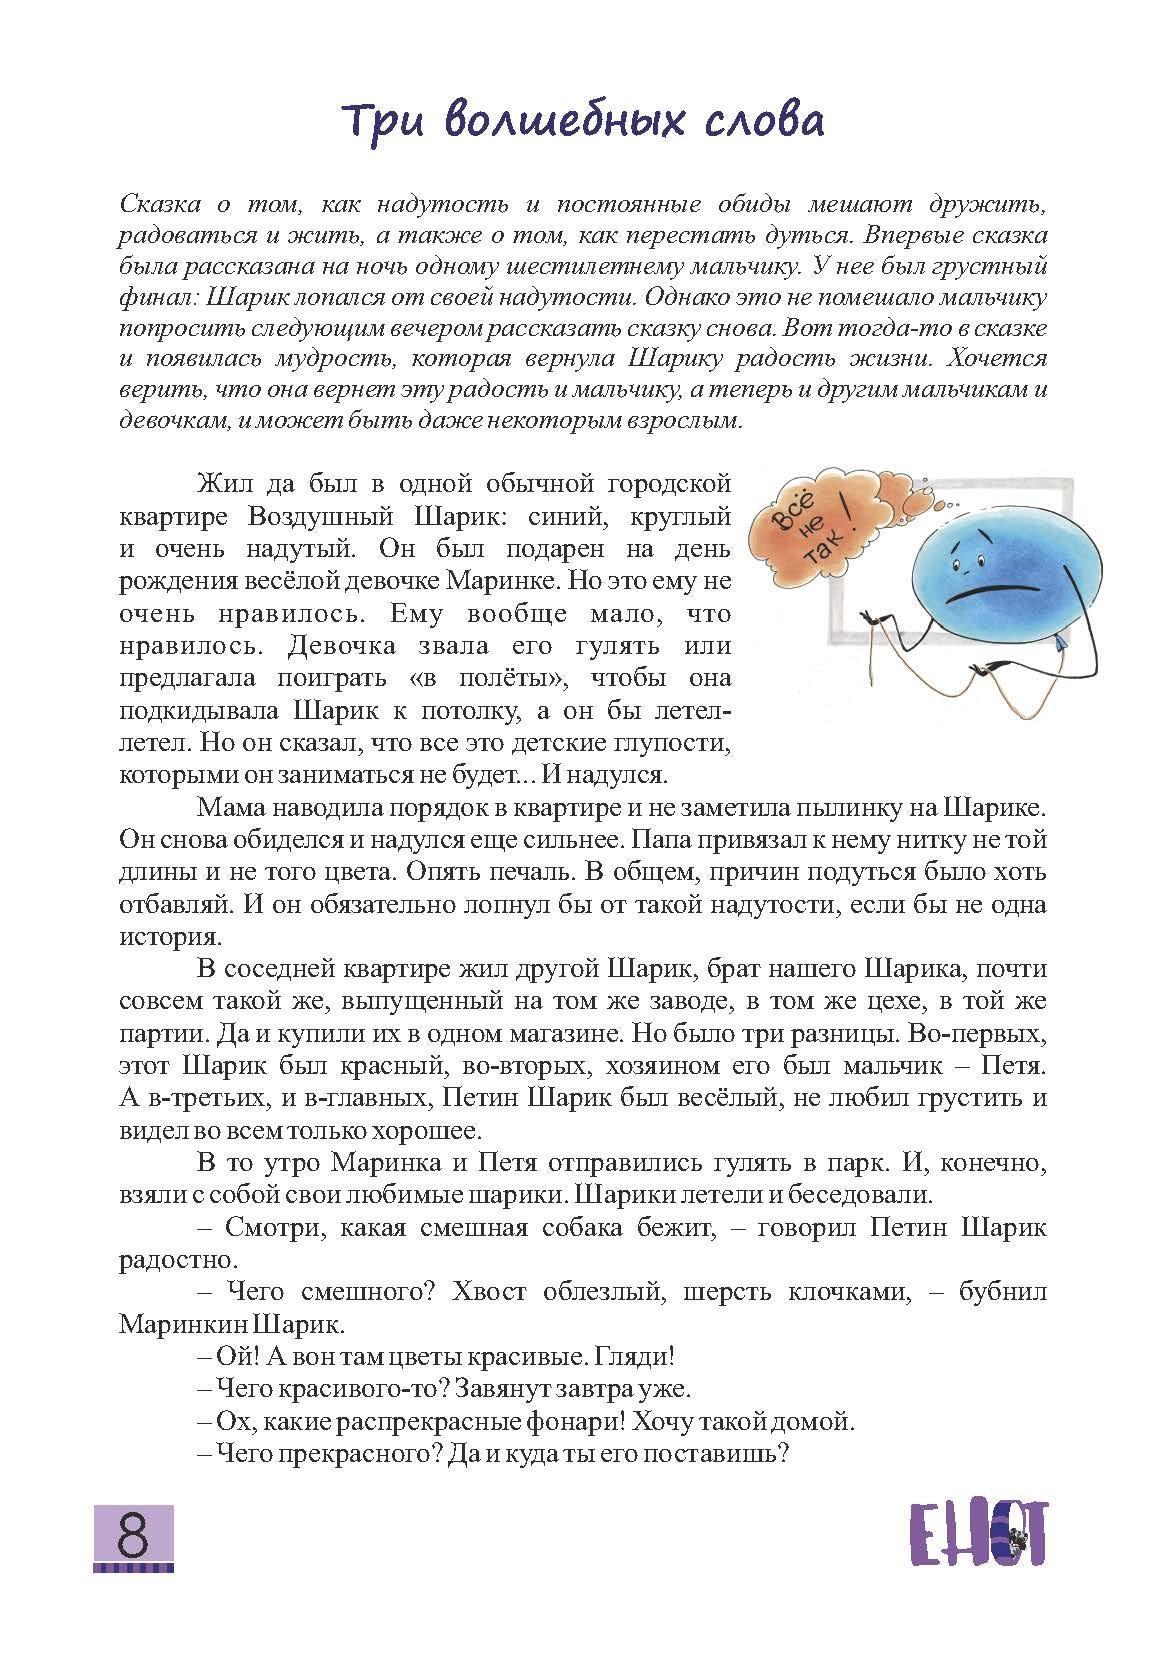 Детский журнал Енот - 2019.08 Страница 08